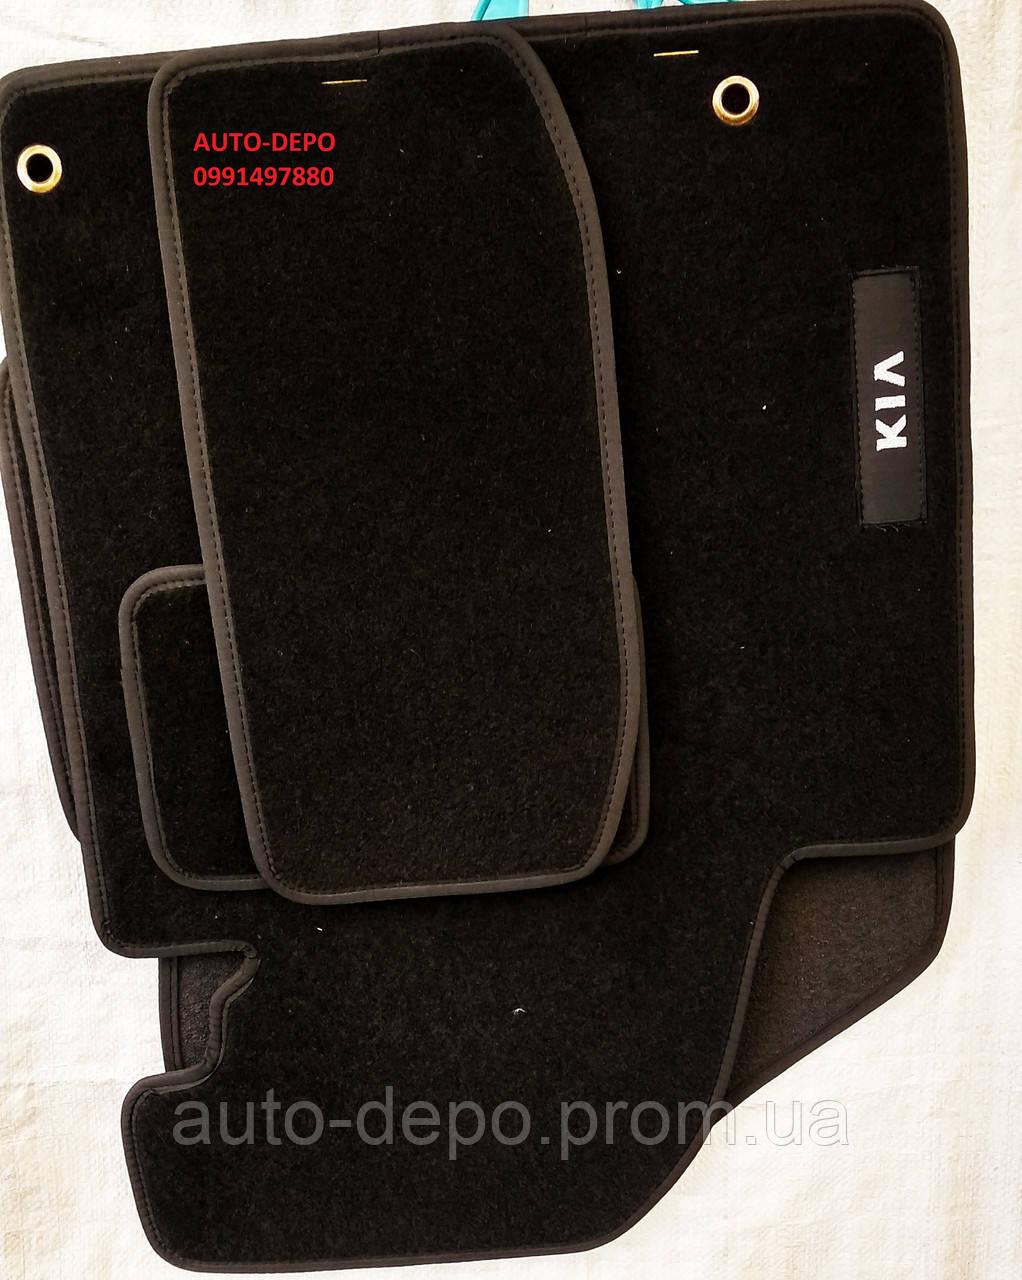 Ворсовые автомобильные коврики Kia Sportage 1993- CIAC GRAN